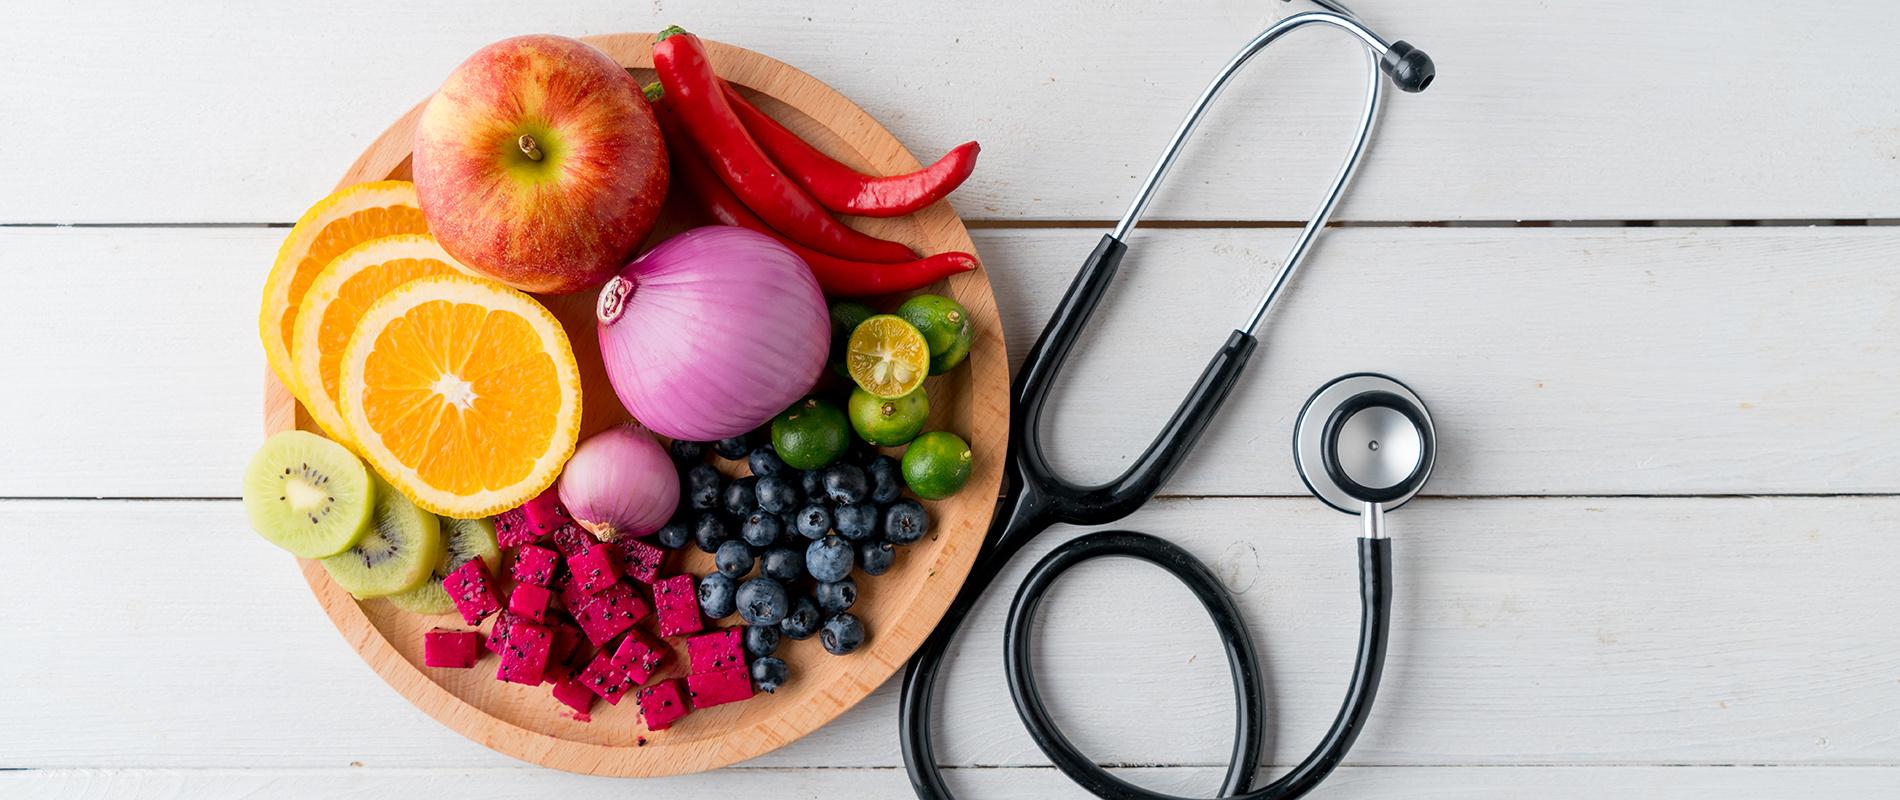 sürgősségi ellátás magas vérnyomásválságok esetén